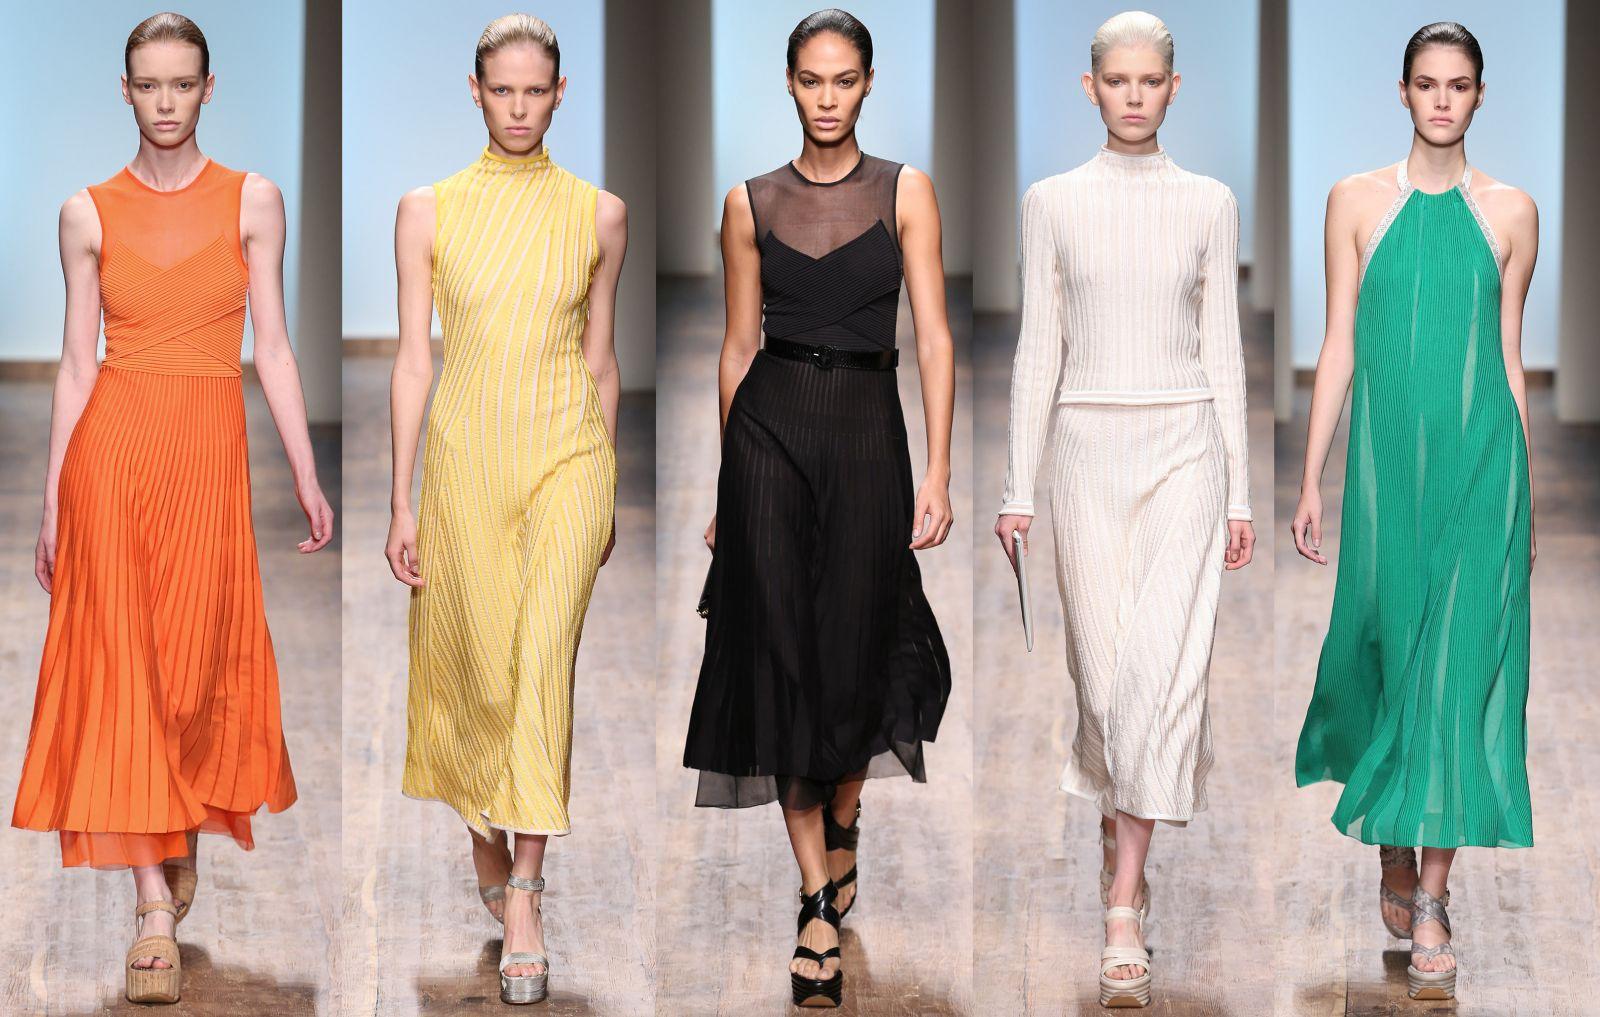 Неделя моды в Милане: Salvatore Ferragamo, весна-лето 2015 - фото №1